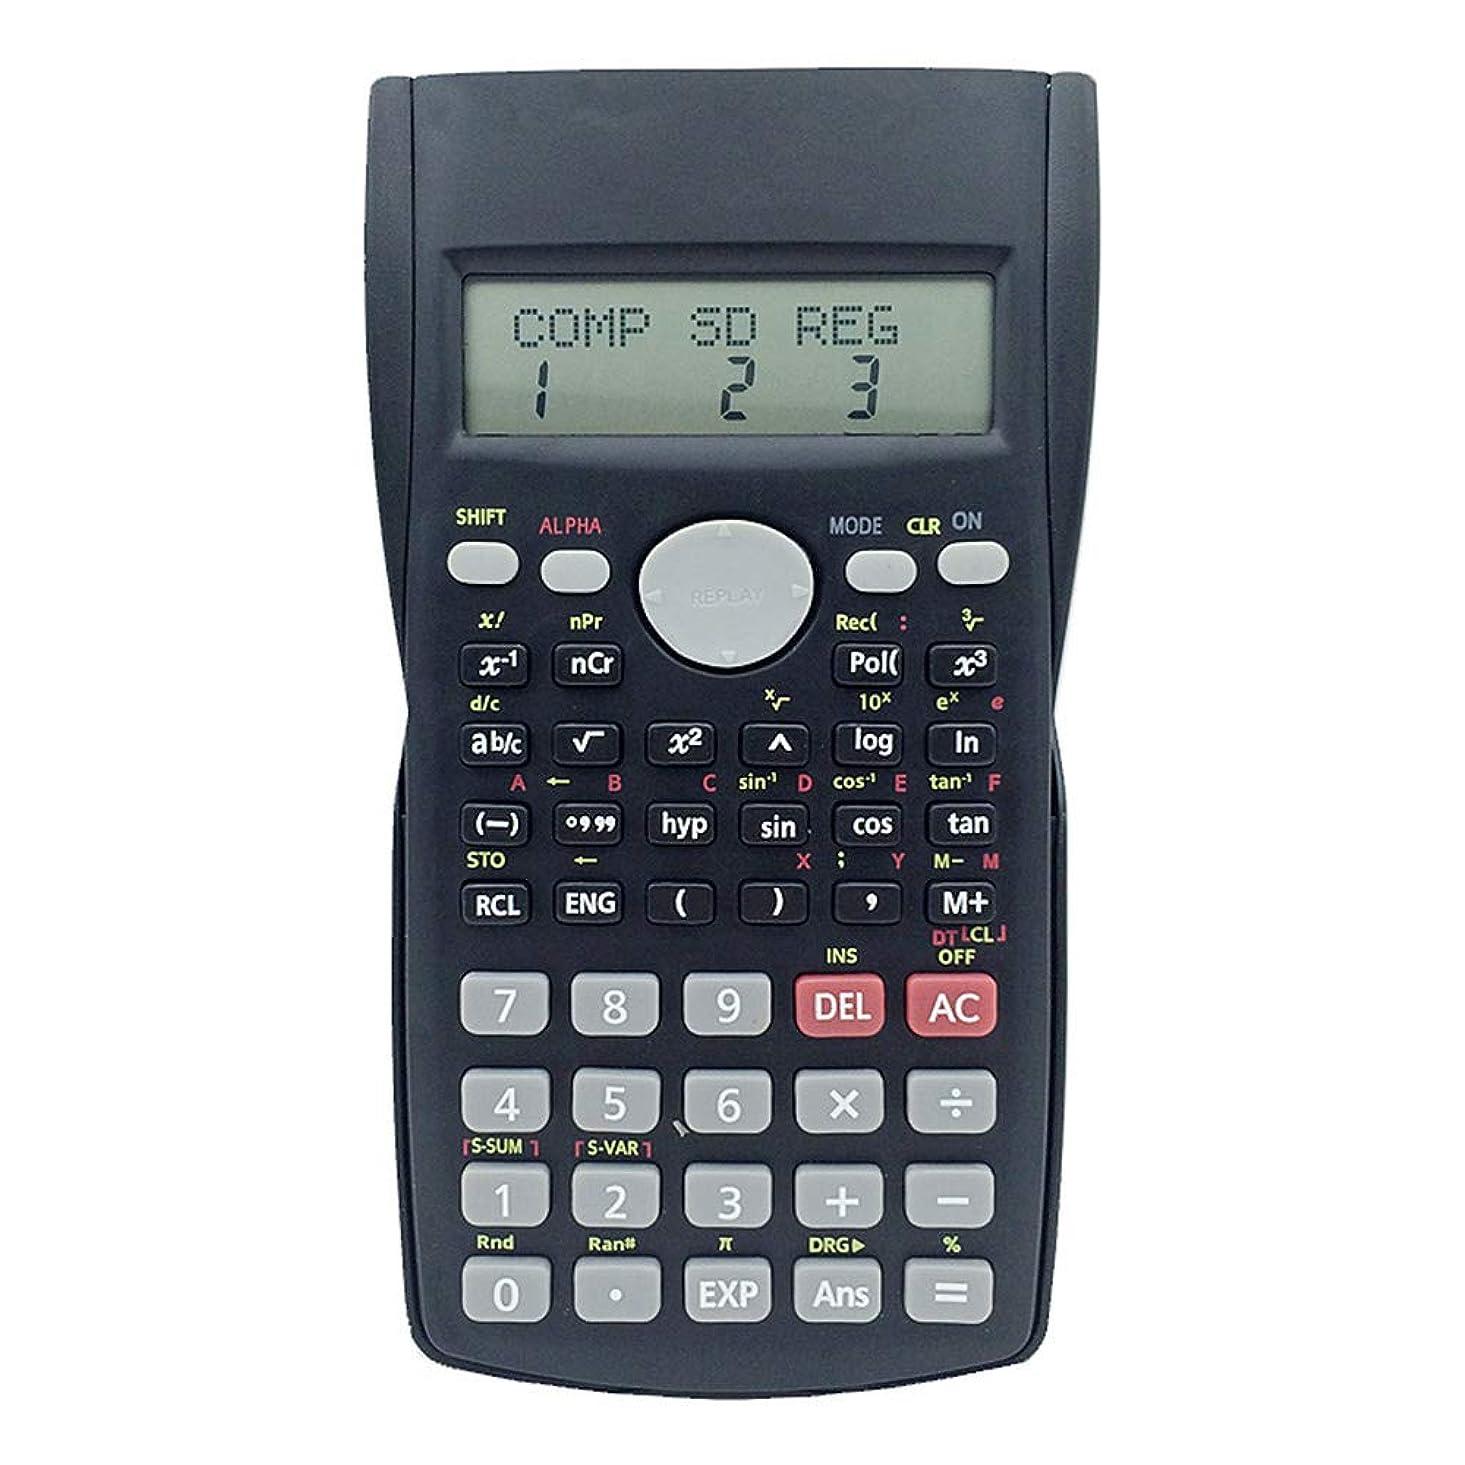 デコードする瞑想真剣にデスクトップ電卓 科学計算機関数計算機学生固有の多機能計算機 オフィスやビジネス用